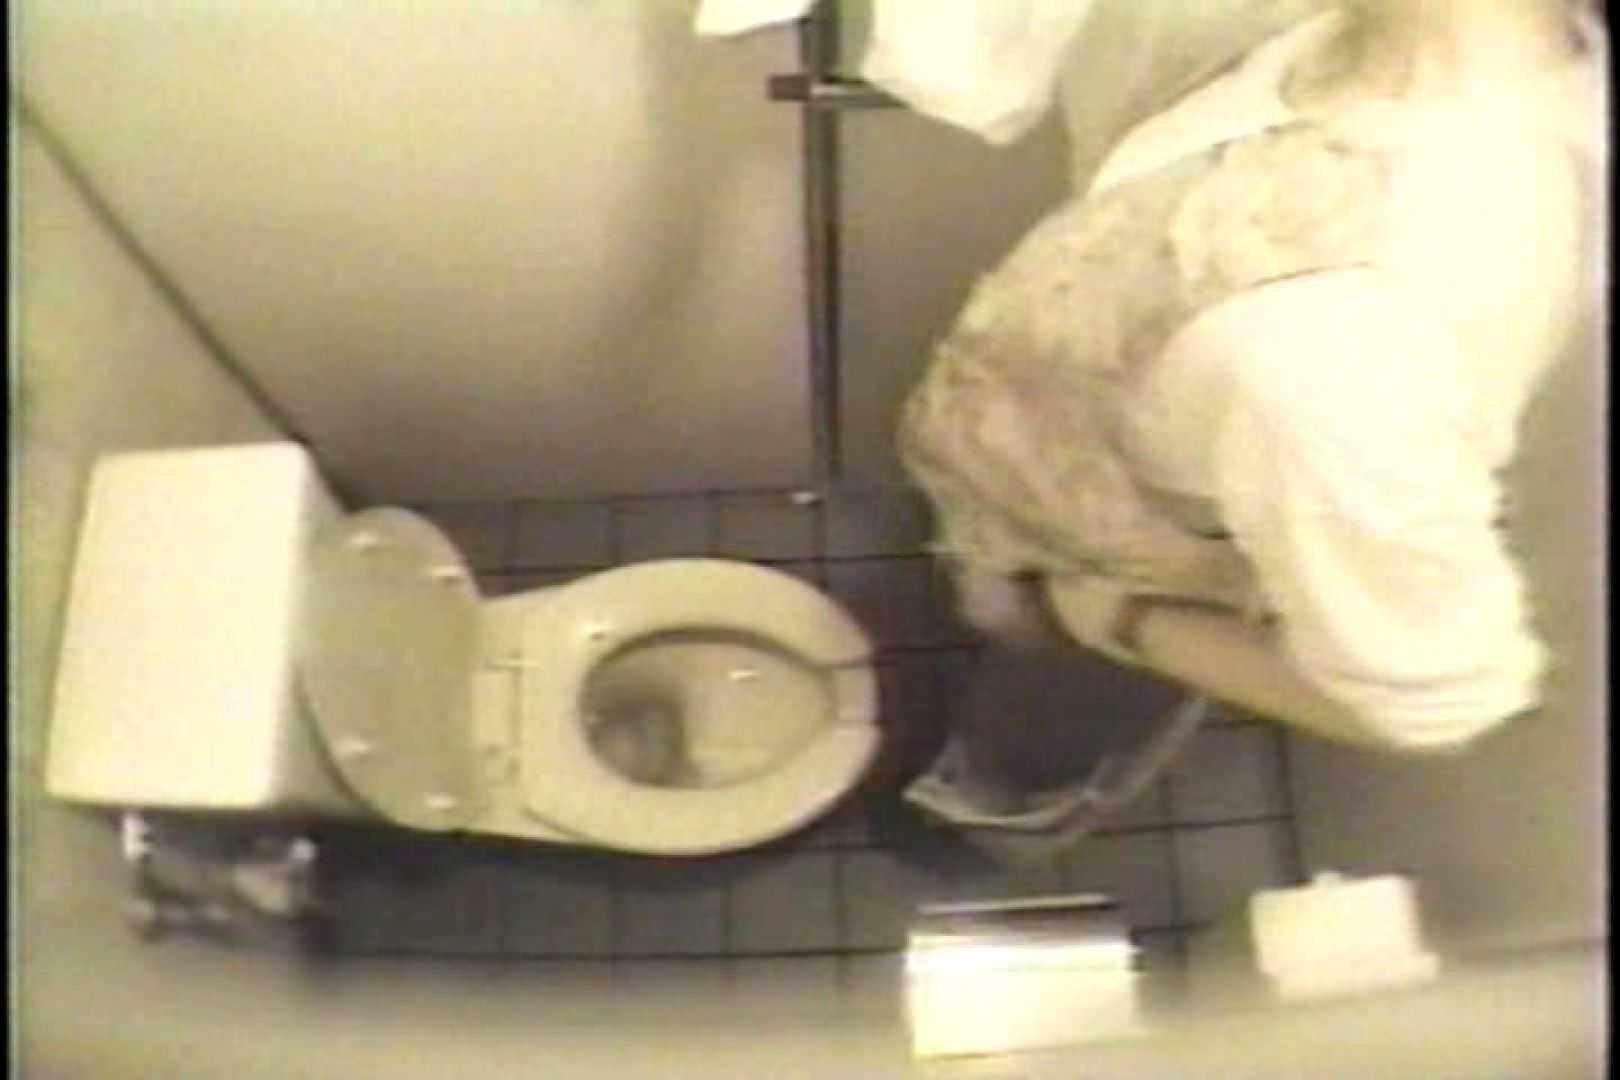 盗撮 女子洗面所3ヶ所入ってしゃがんで音出して 洗面所 オマンコ無修正動画無料 109連発 107